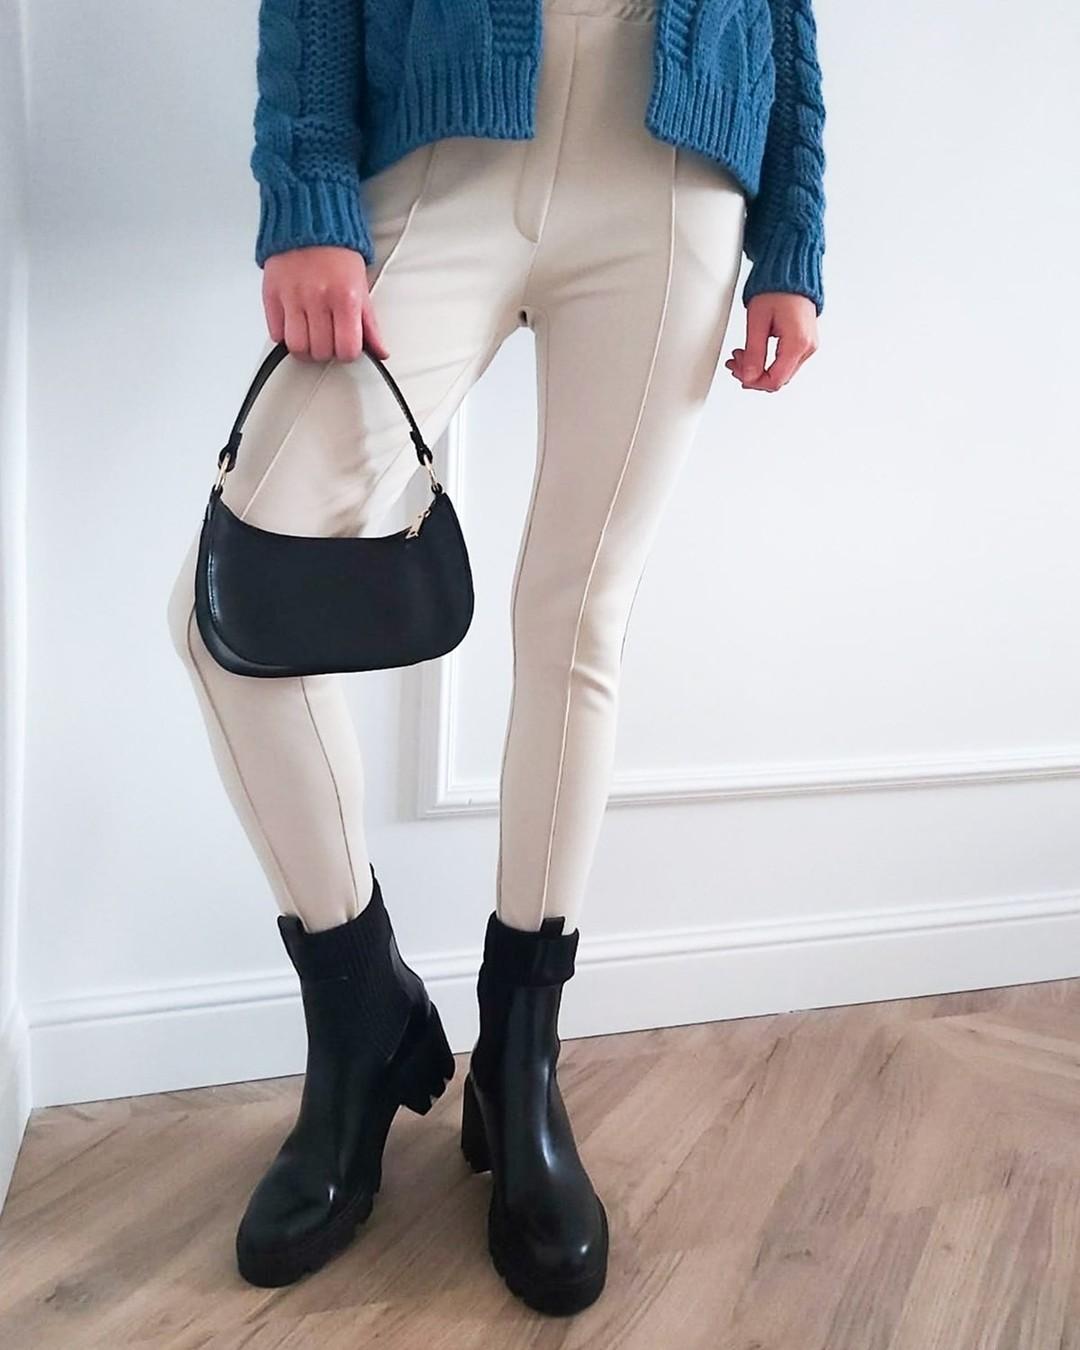 Elegancki kancik plus praktyczne kieszenie i miękka guma w pasie. Tak, drogie panie, mamy ideał! #spodnie #cygaretki #jasnespodnie #spodnieecru #spodniewkant #pants #dressypants #nosimyspodnie #winterstyle #winteroutfit #wintergoals #fashionstyle 1969